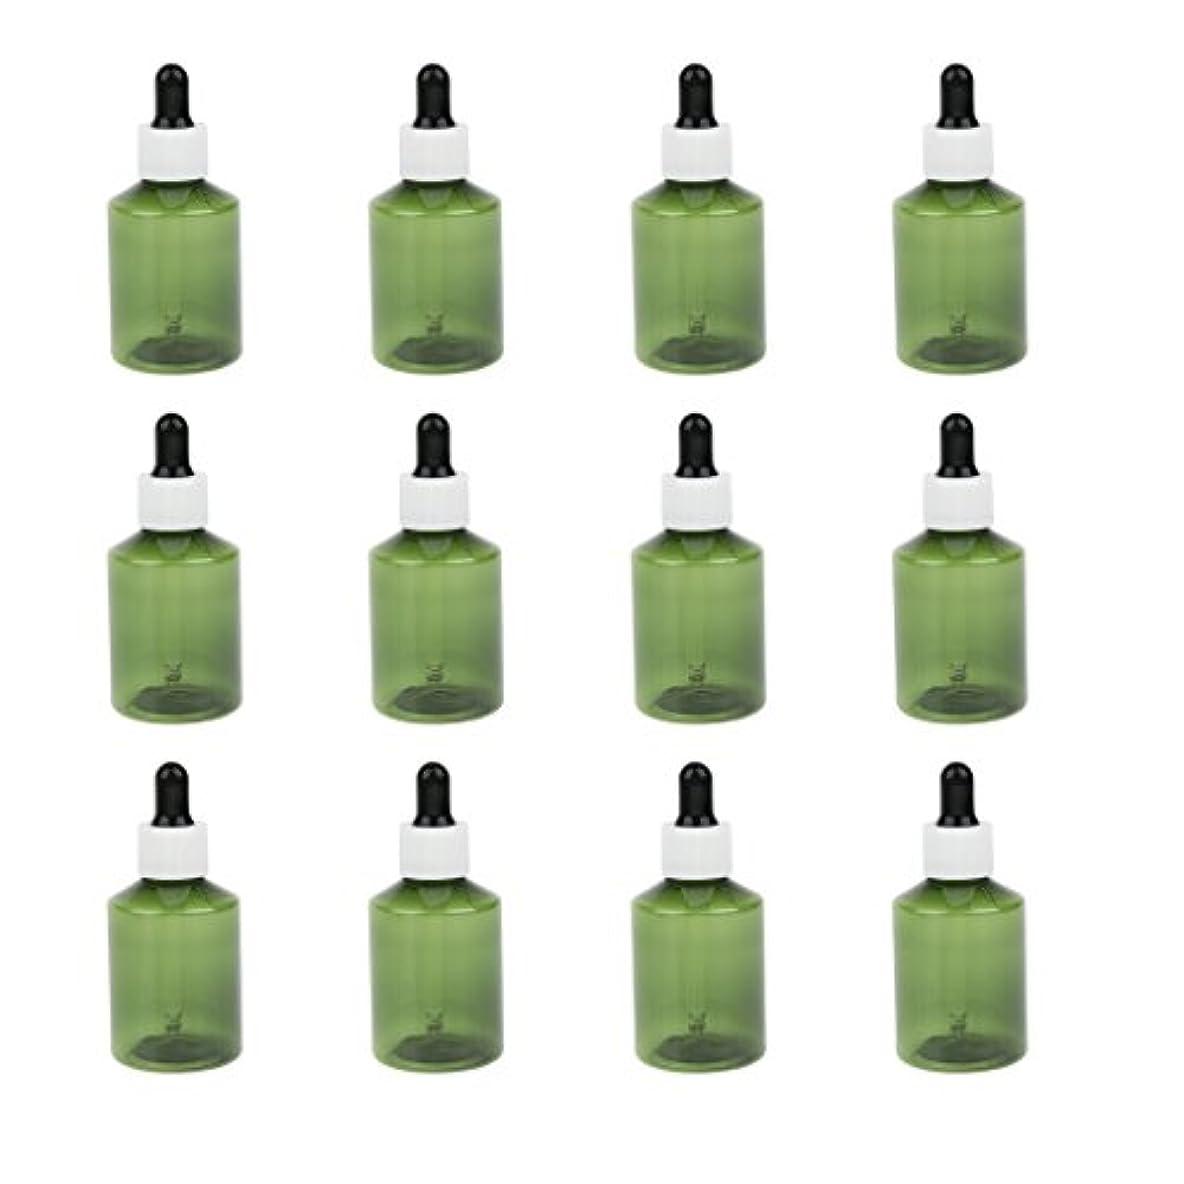 南方の単独でドロッパーボトル 詰め替え式 点滴びん 50ml エッセンシャルオイル 精油 6仕様選べ - ホワイトキャップブラックドロッパー